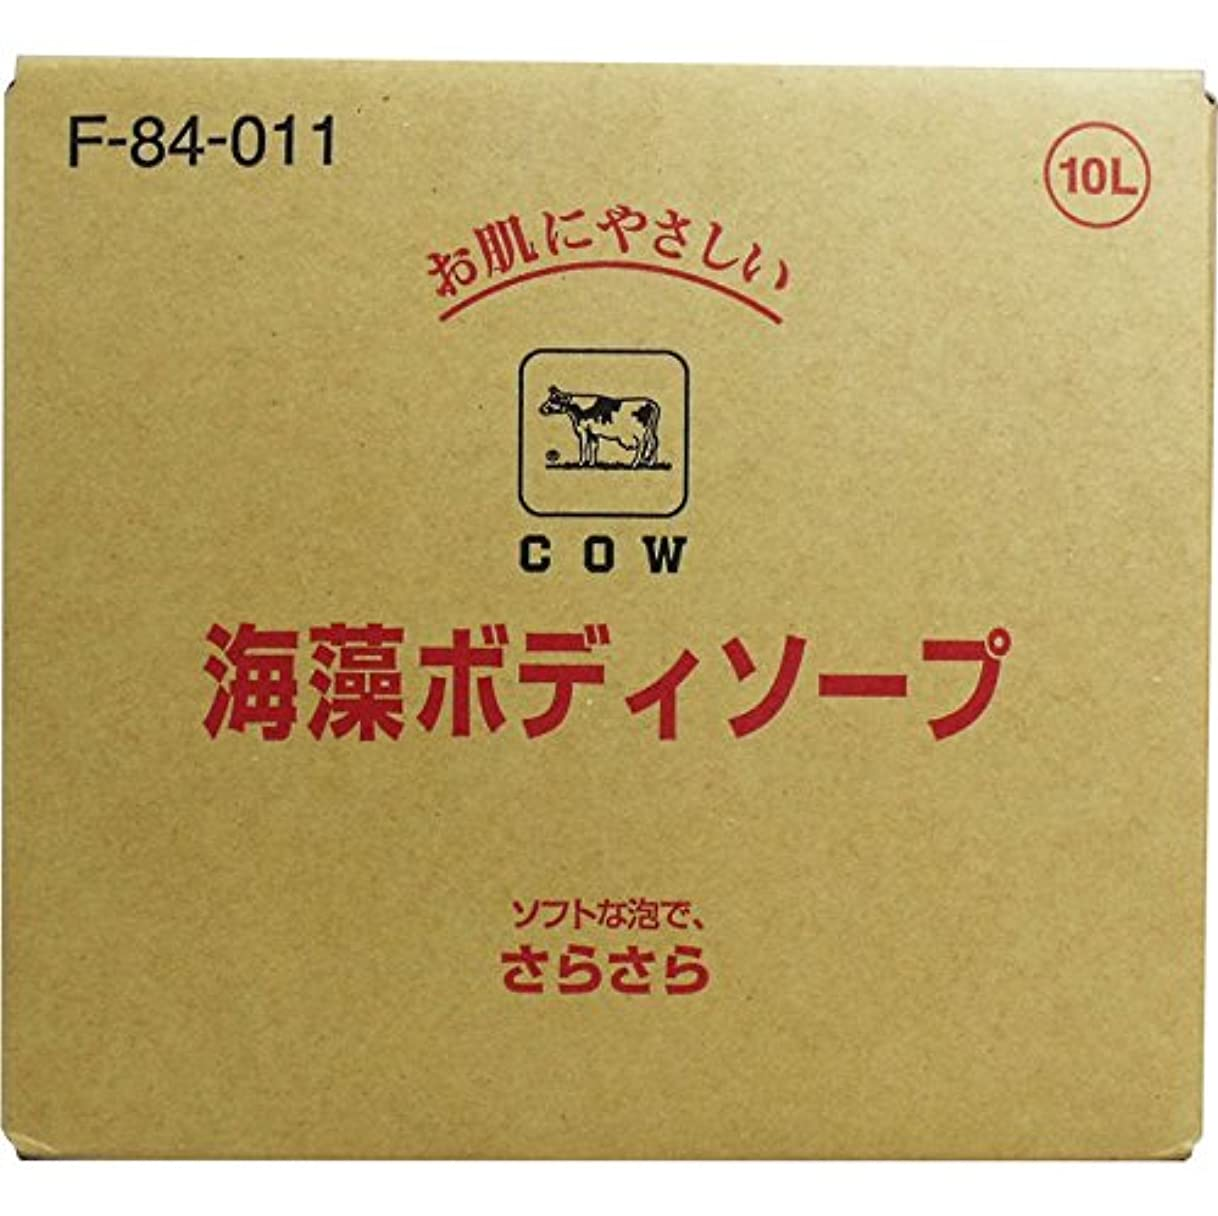 セレナ痛みロデオボディ 石けん詰め替え さらさらした洗い心地 便利商品 牛乳ブランド 海藻ボディソープ 業務用 10L